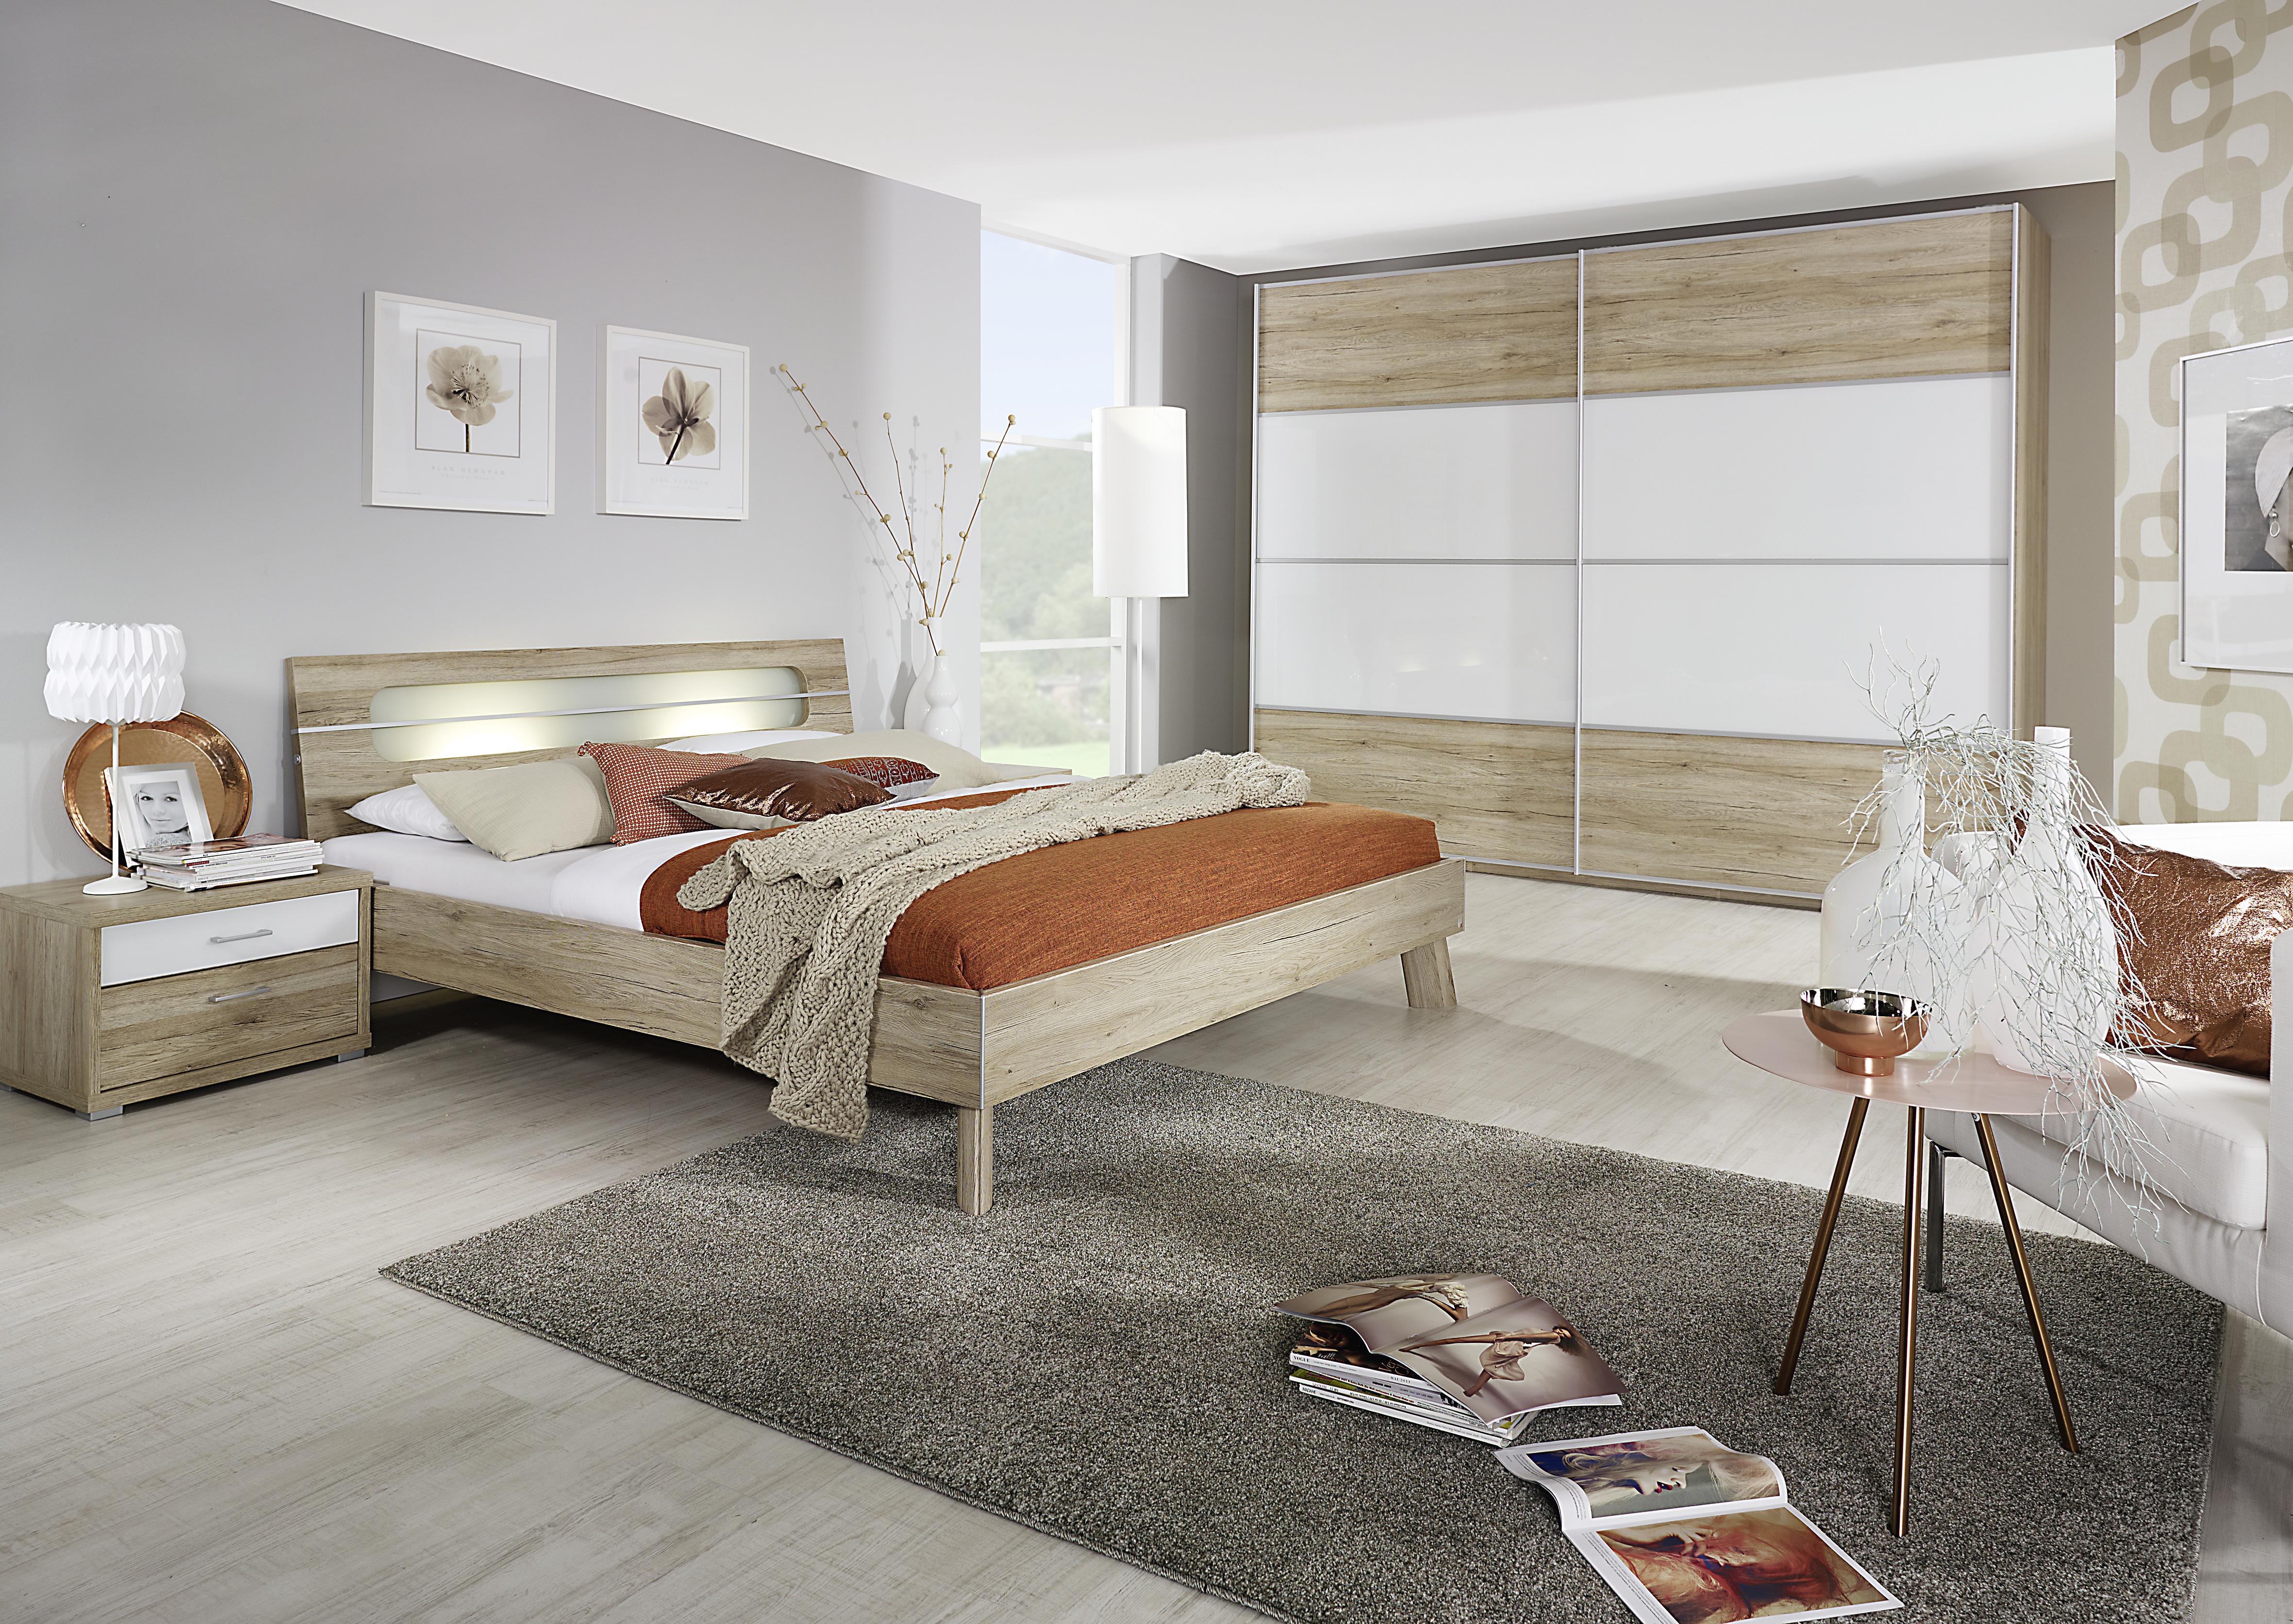 Schlafzimmer 3 Tlg Plus2 Ks Ca 226 Cm U 200x200 Bett Von Rauch